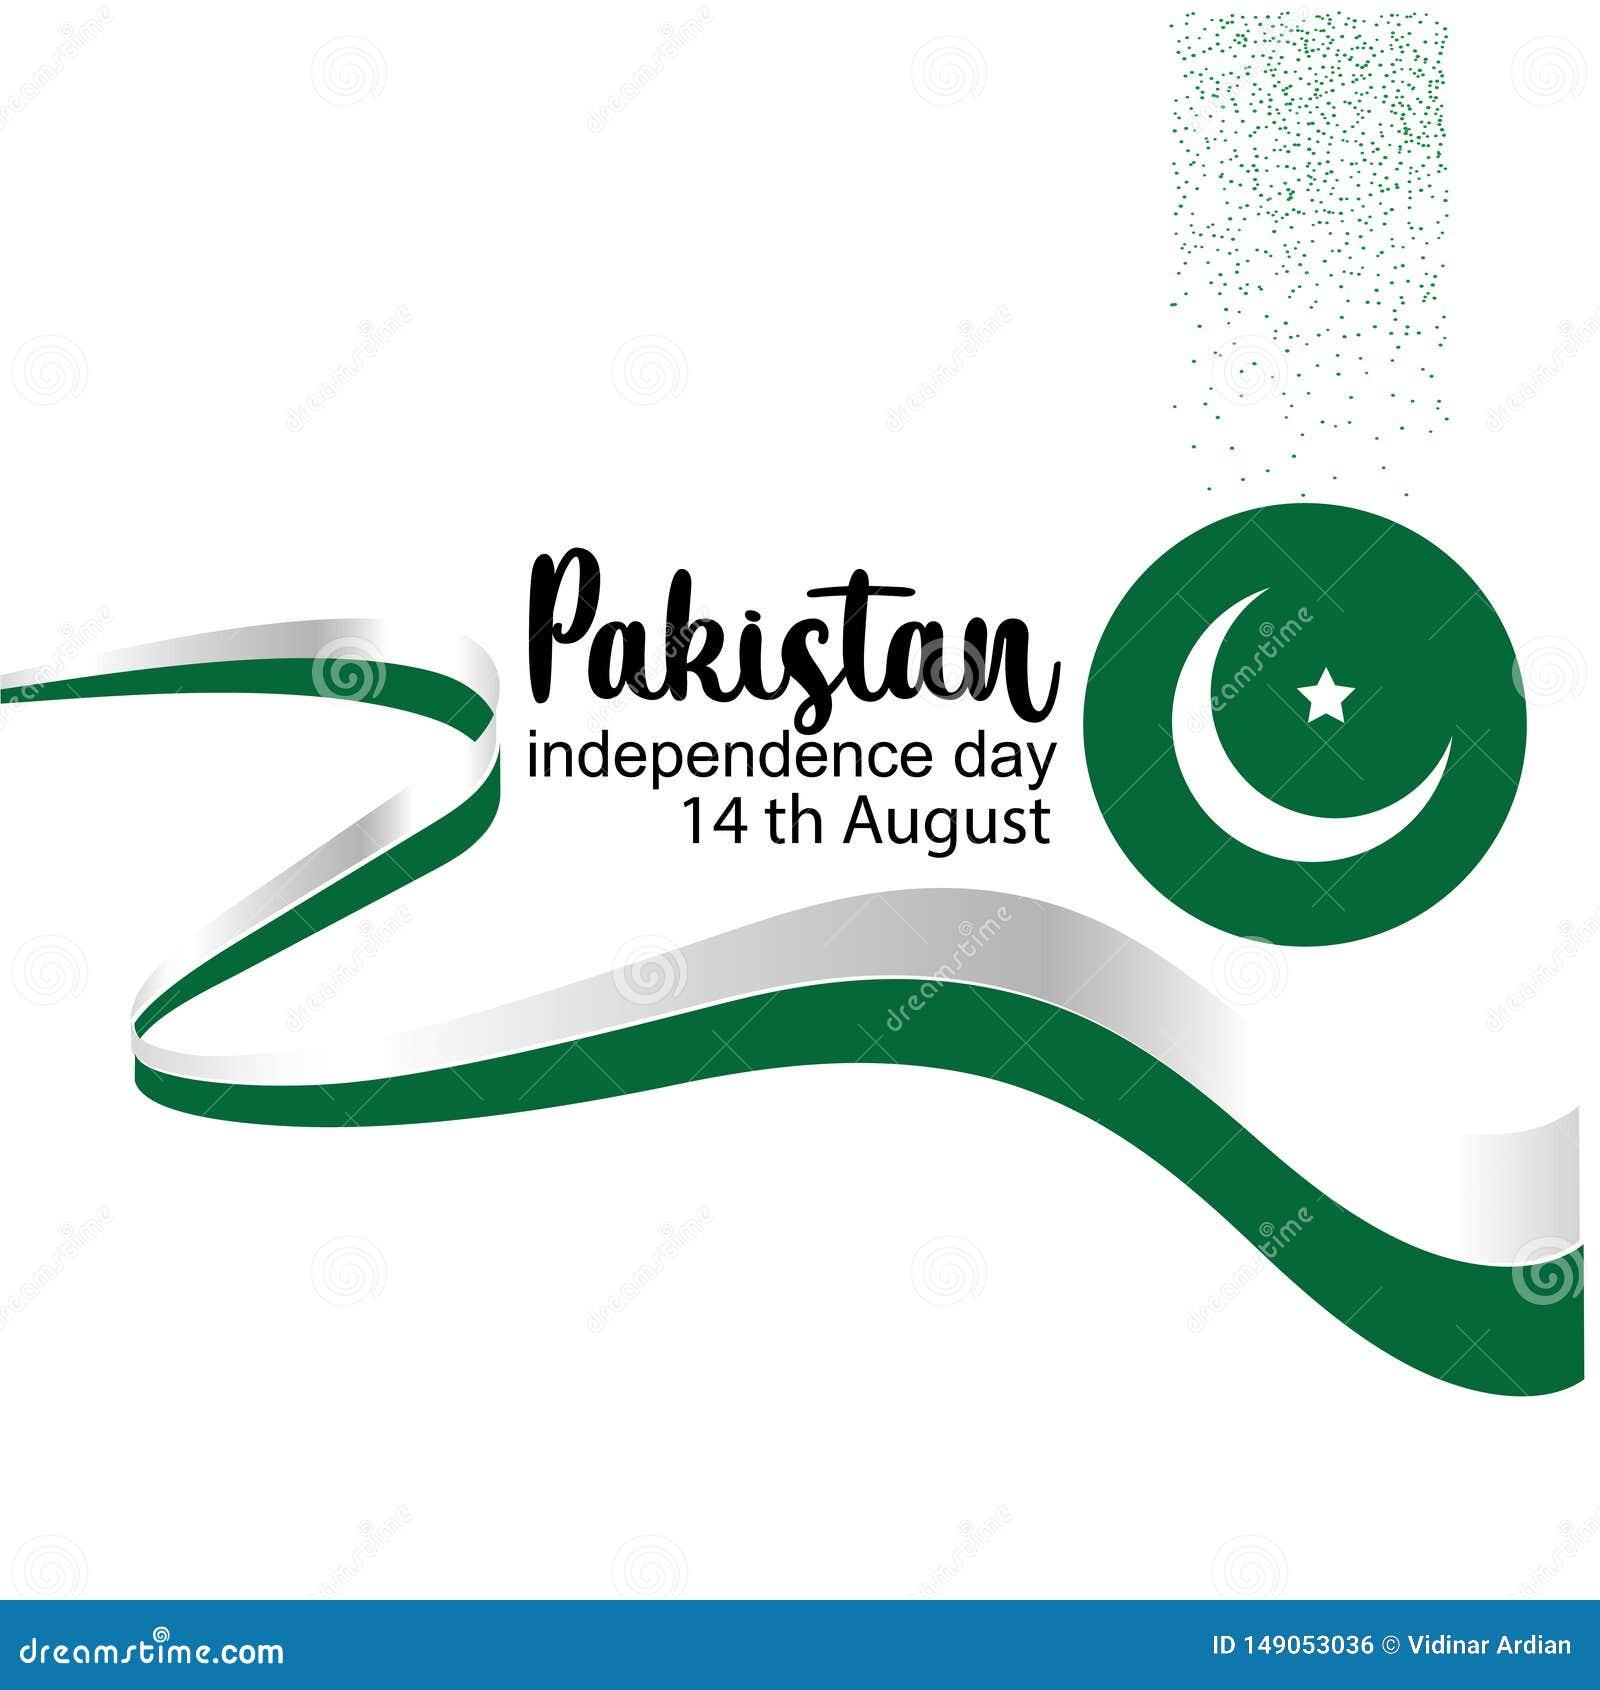 Odświętności Pakistan dnia niepodległości kreatywnie wektorowa ilustracja 14th Sierpniowa Pakistan niezależność wektor